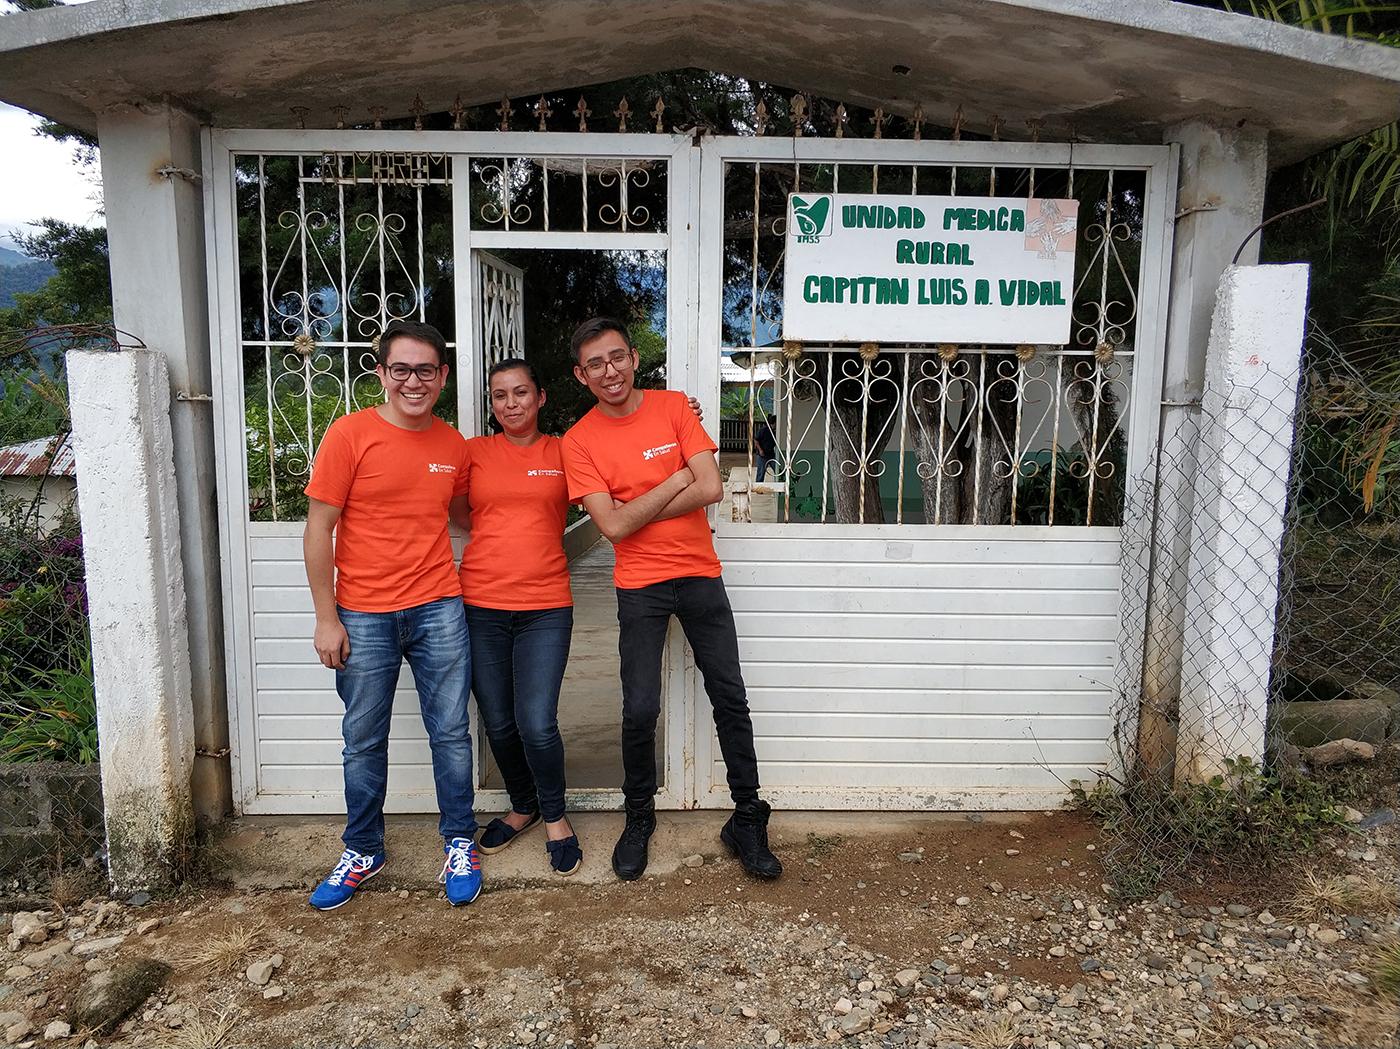 El Dr. Francisco Guadarrama, la enfermera Mónica Sofía Córdova Roblero, y el Dr. Alejandro Pacheco frente a la clínica en Capitán Luis A. Vidal.